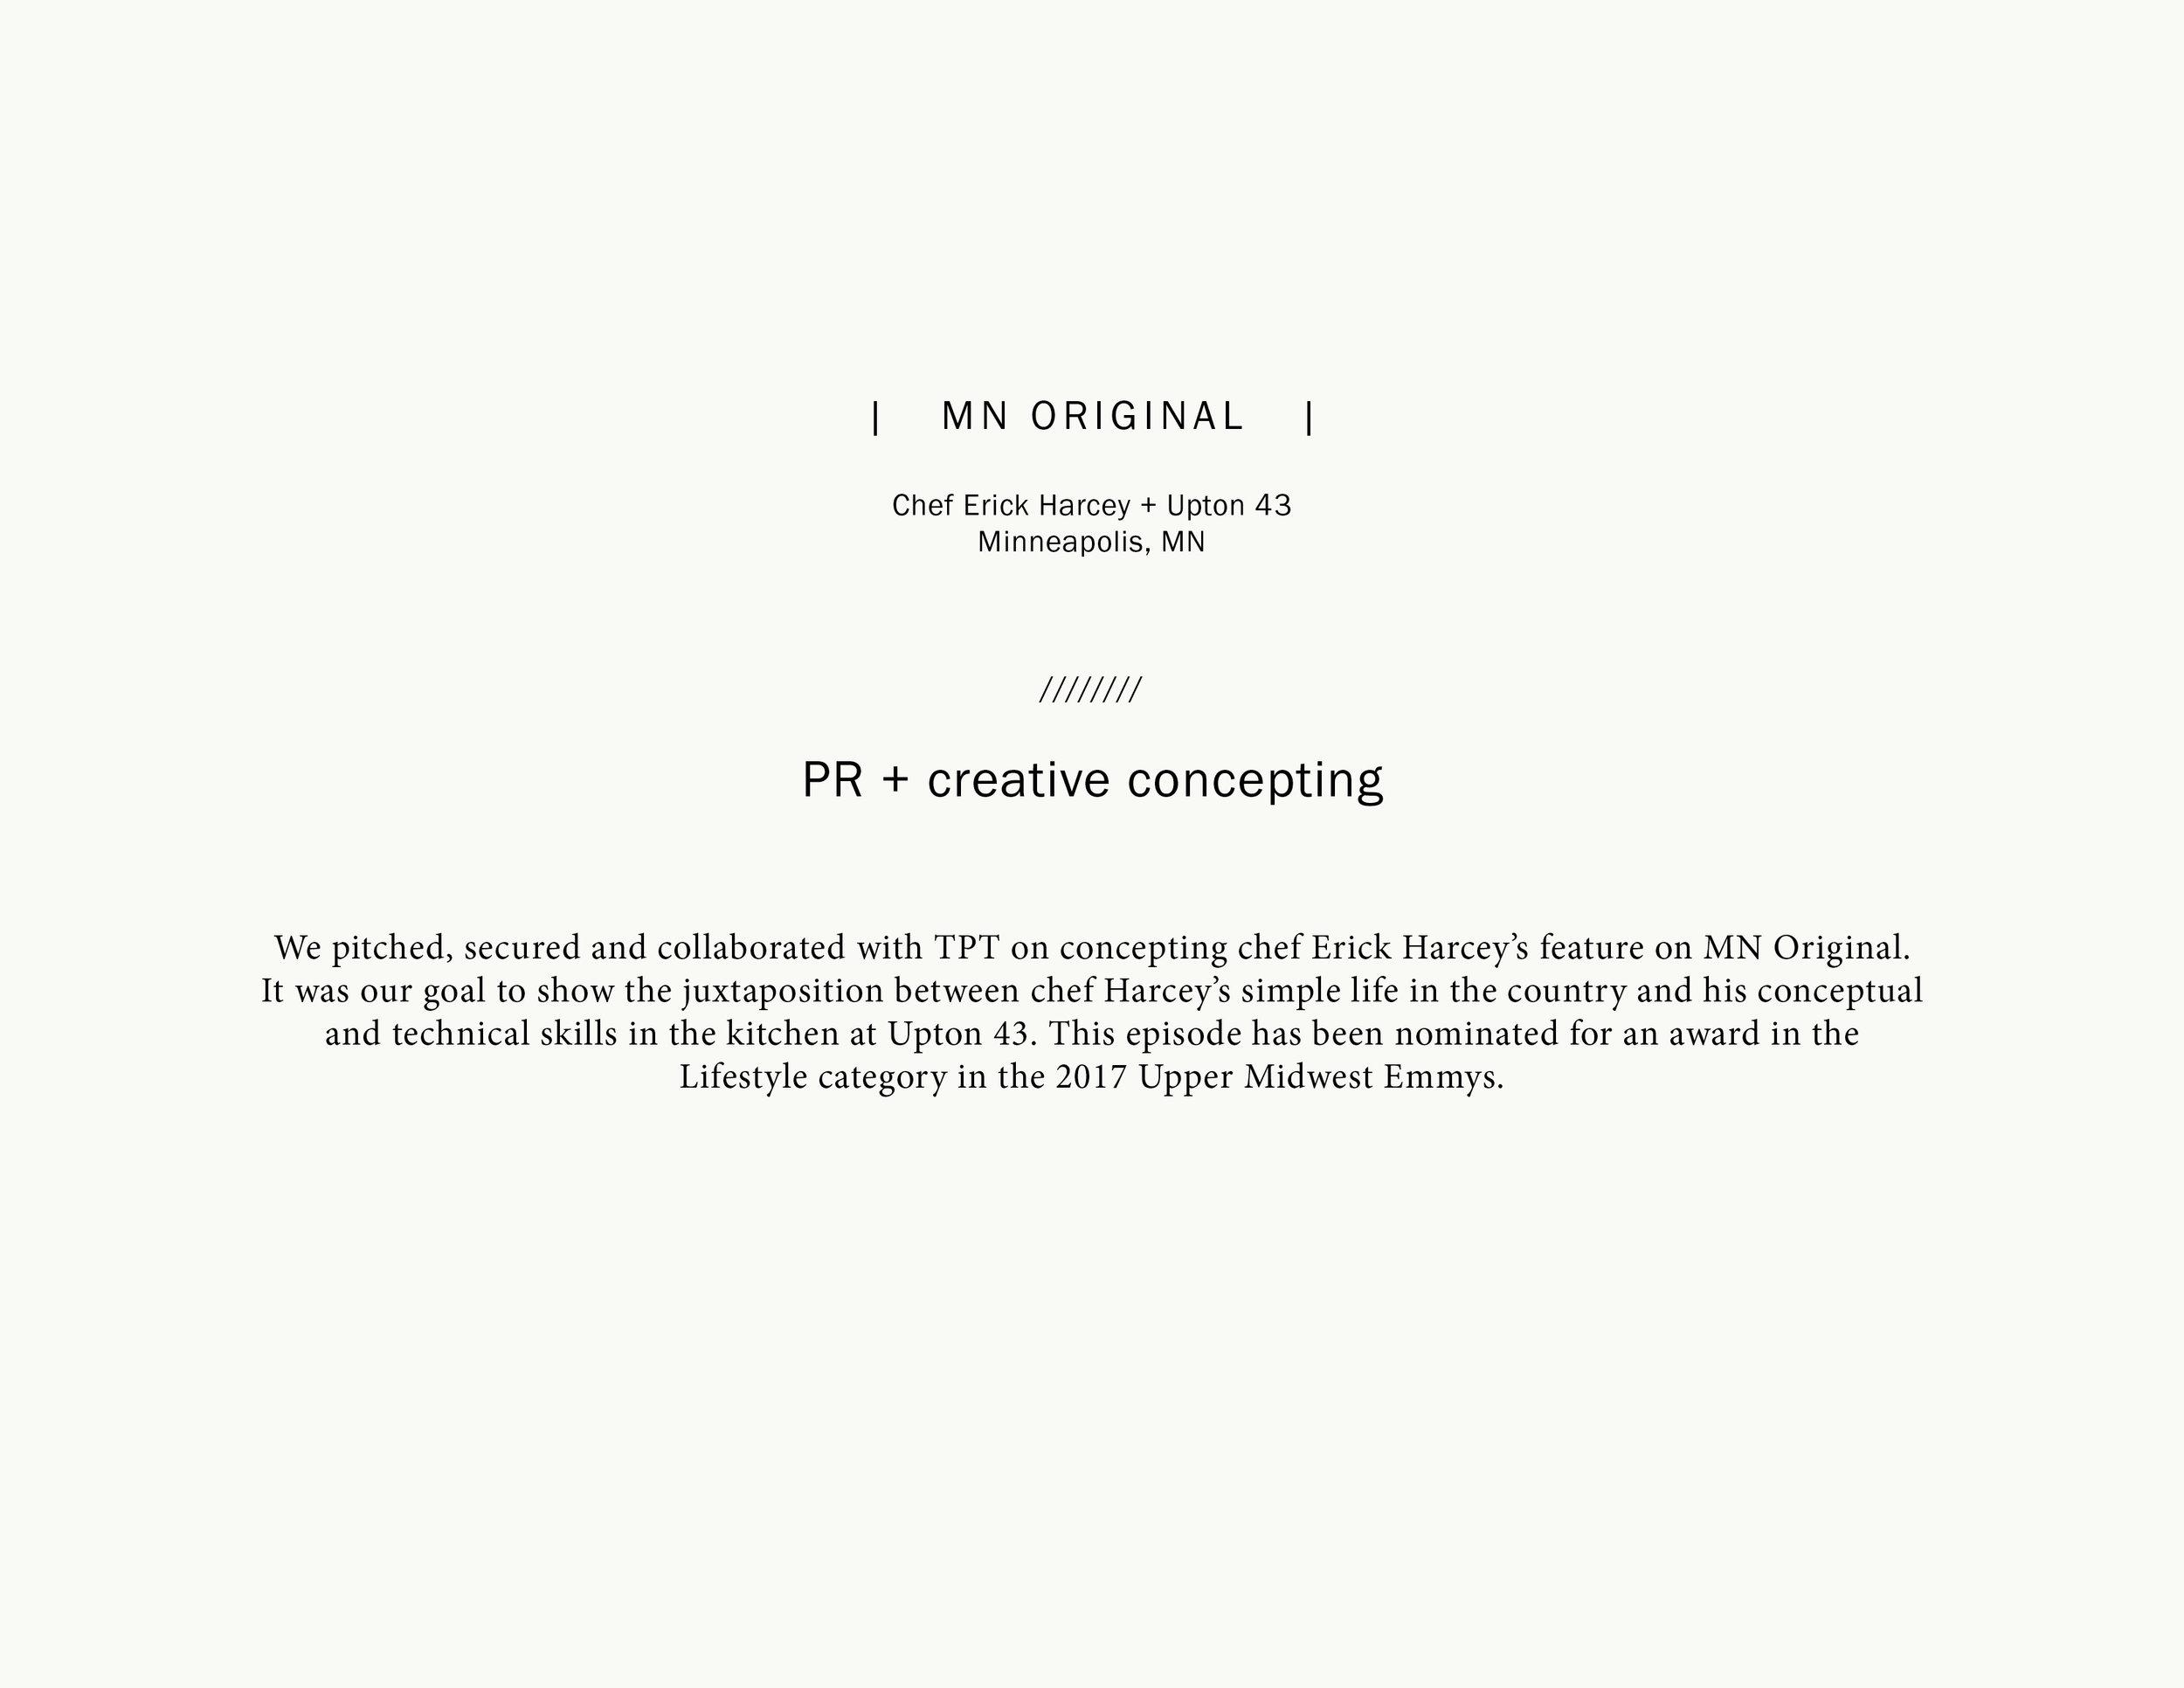 MNORIGINAL_ERICKHARCEY_UPTON43_BODEGA